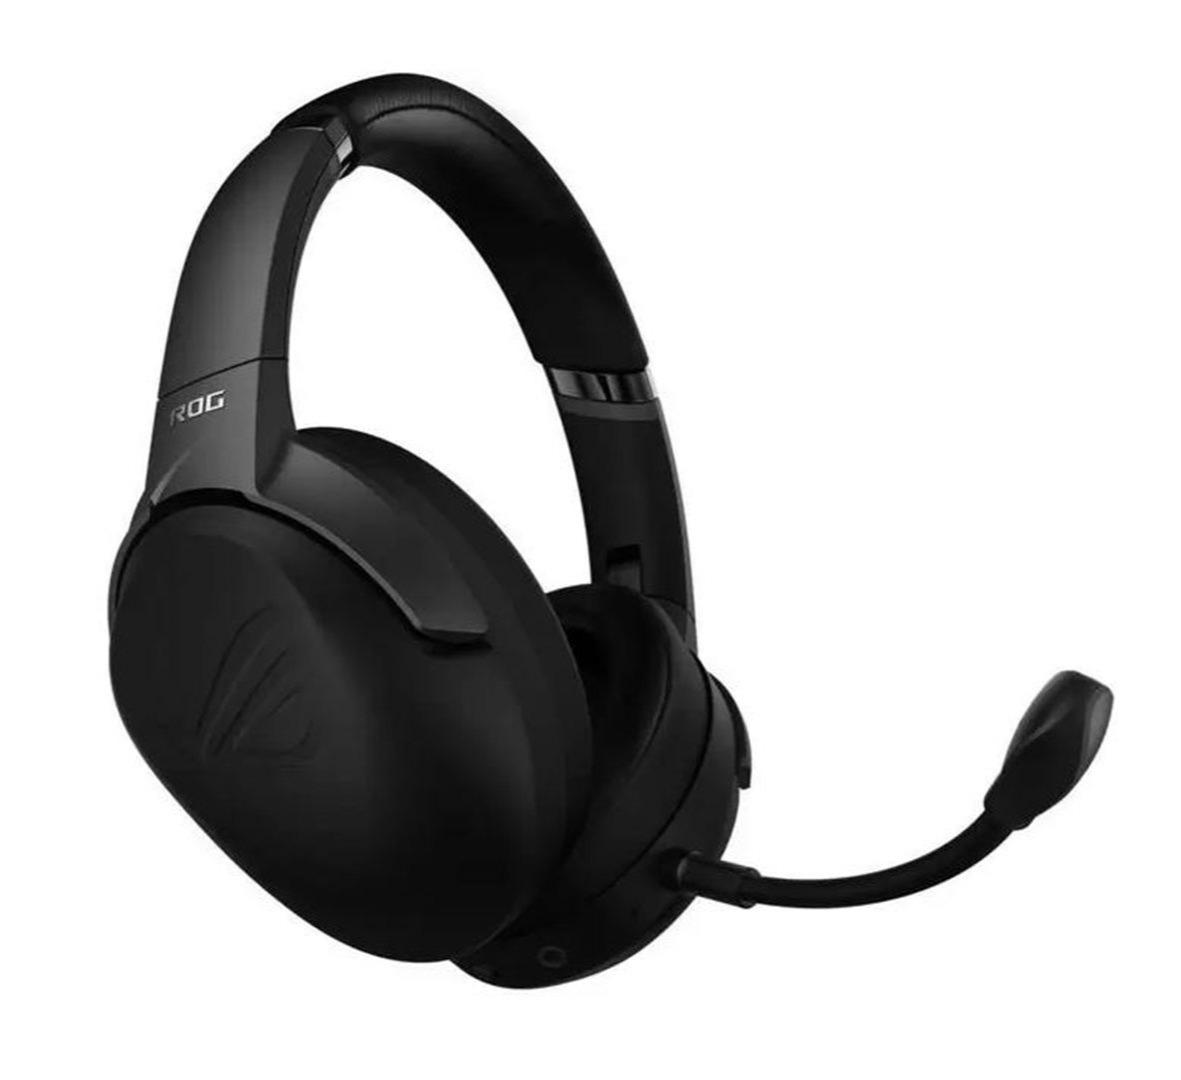 Herní headset ASUS ROG STRIX GO 2.4 (PC)